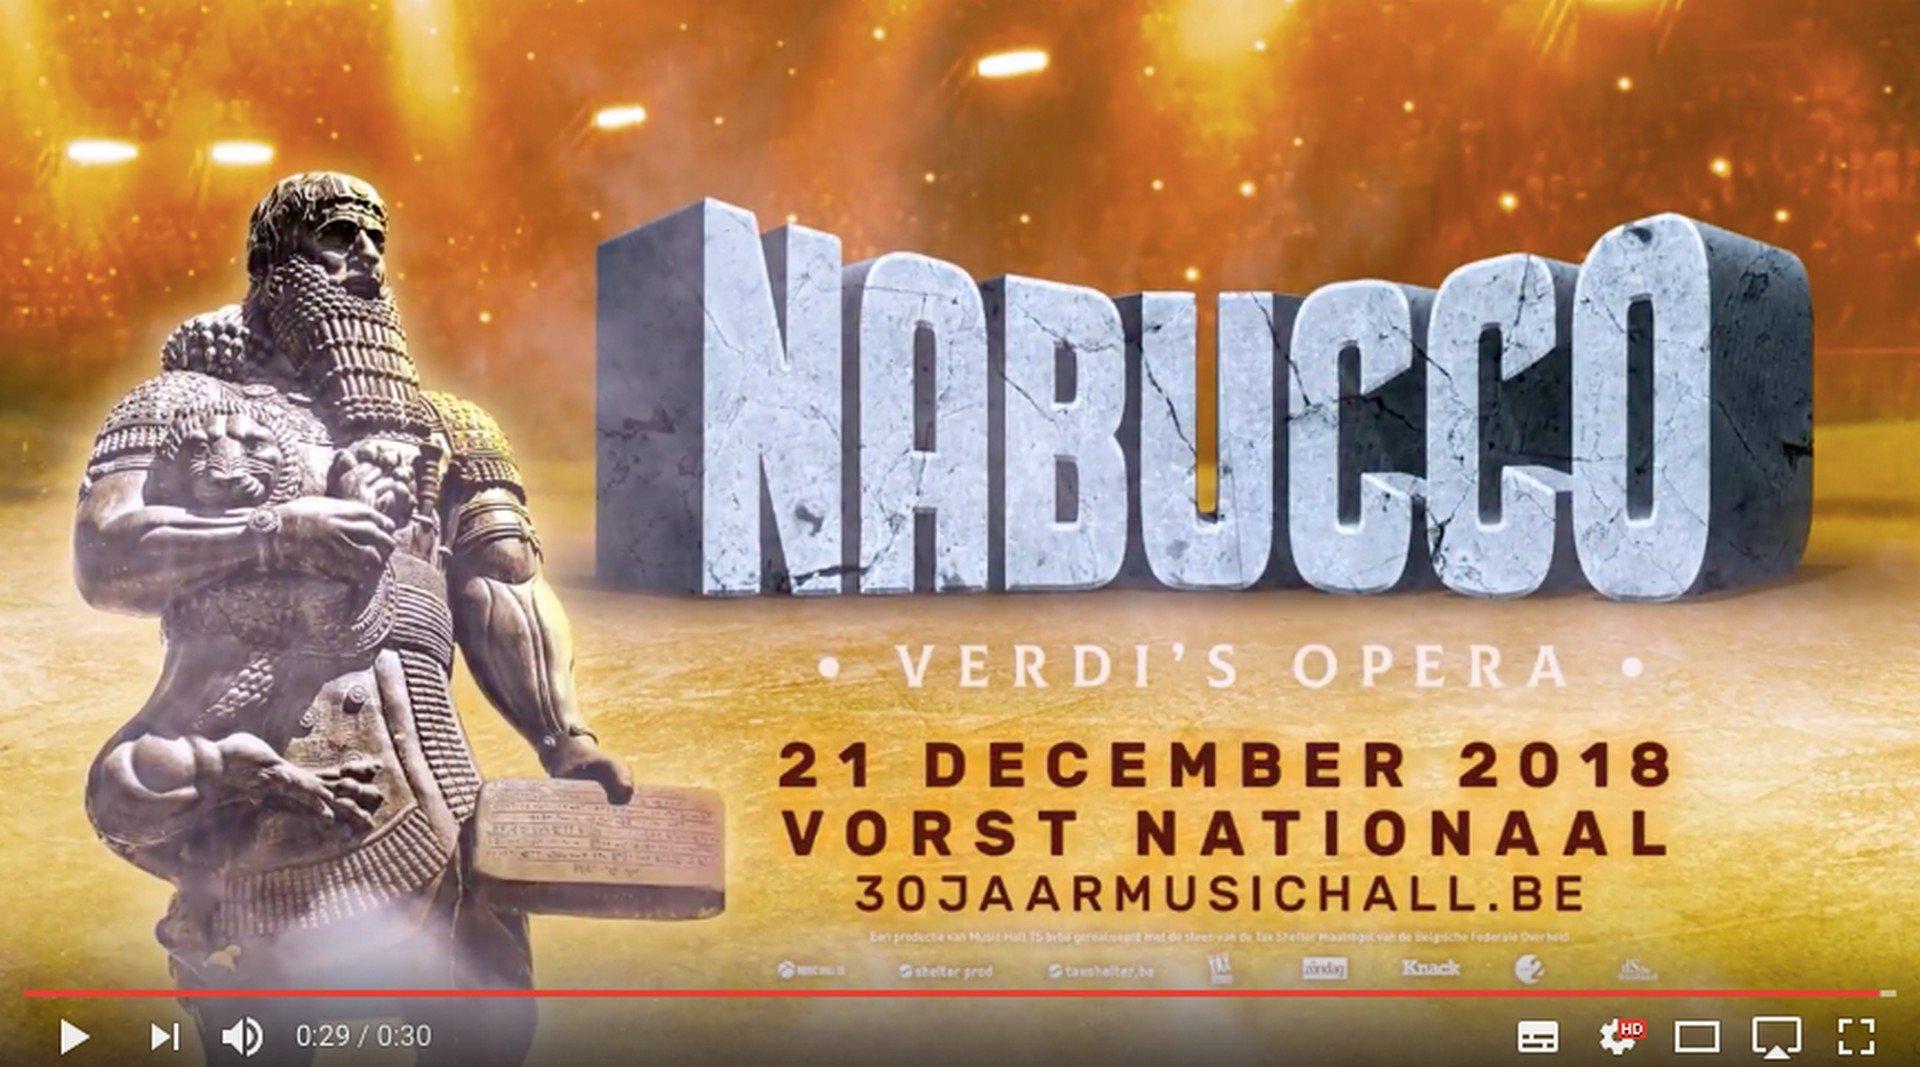 Christophe Deborsu debuteert in 'Nabucco' in Vorst Nationaal - Nabucco 2